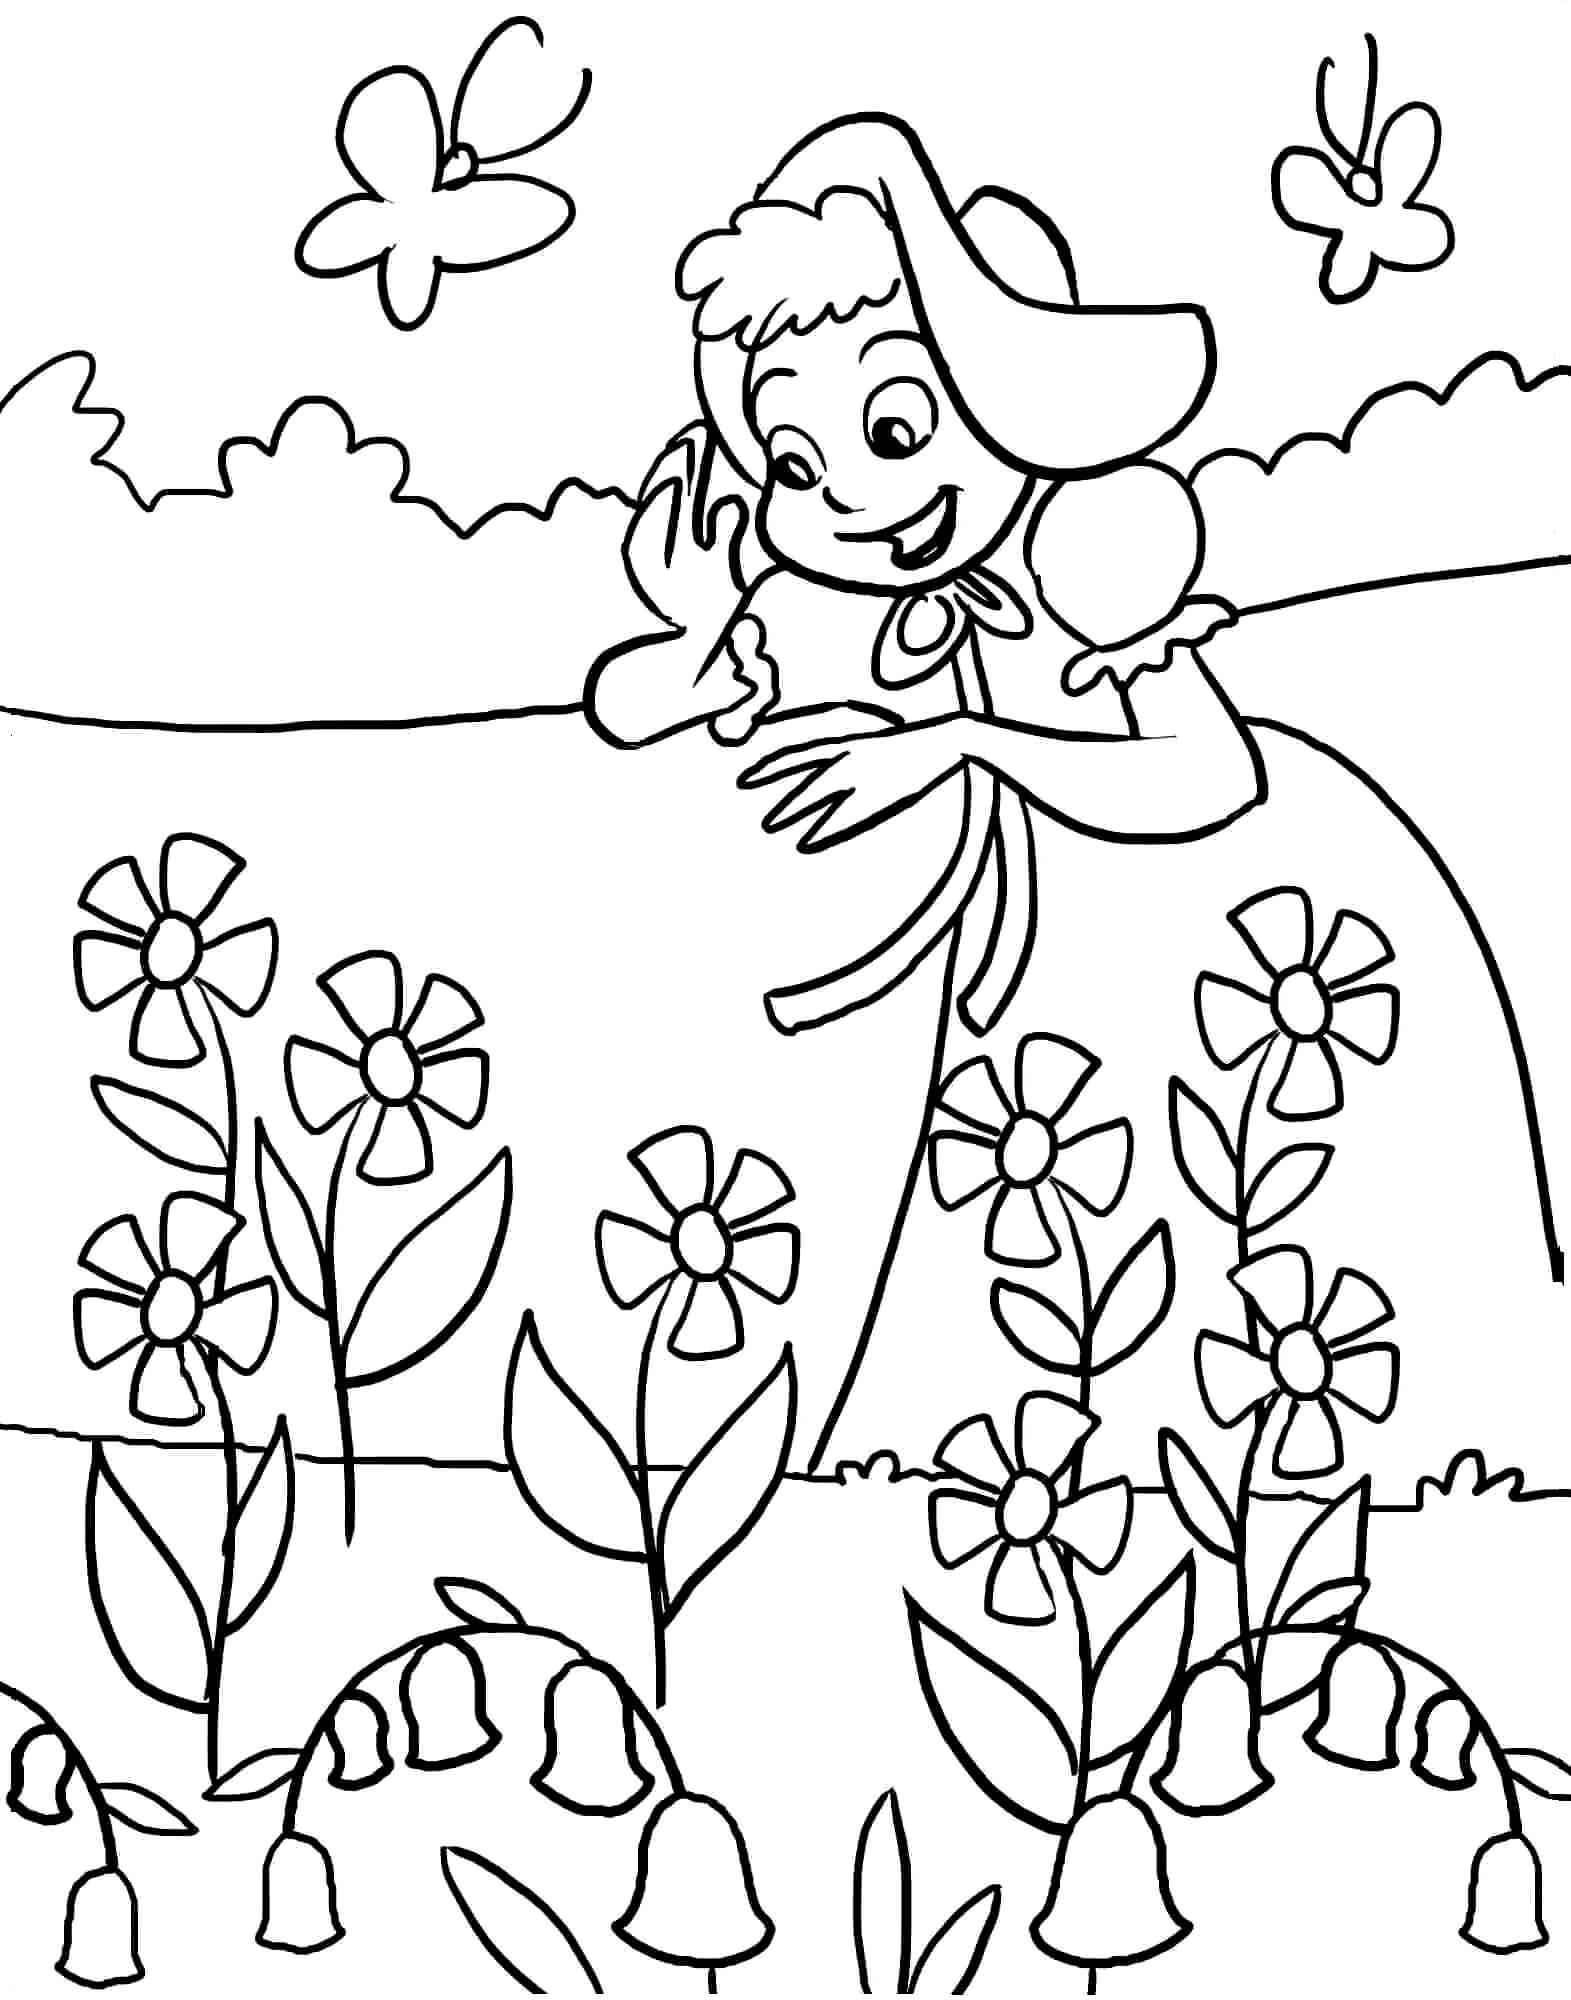 Раскраска Девочка на цветочной полянке